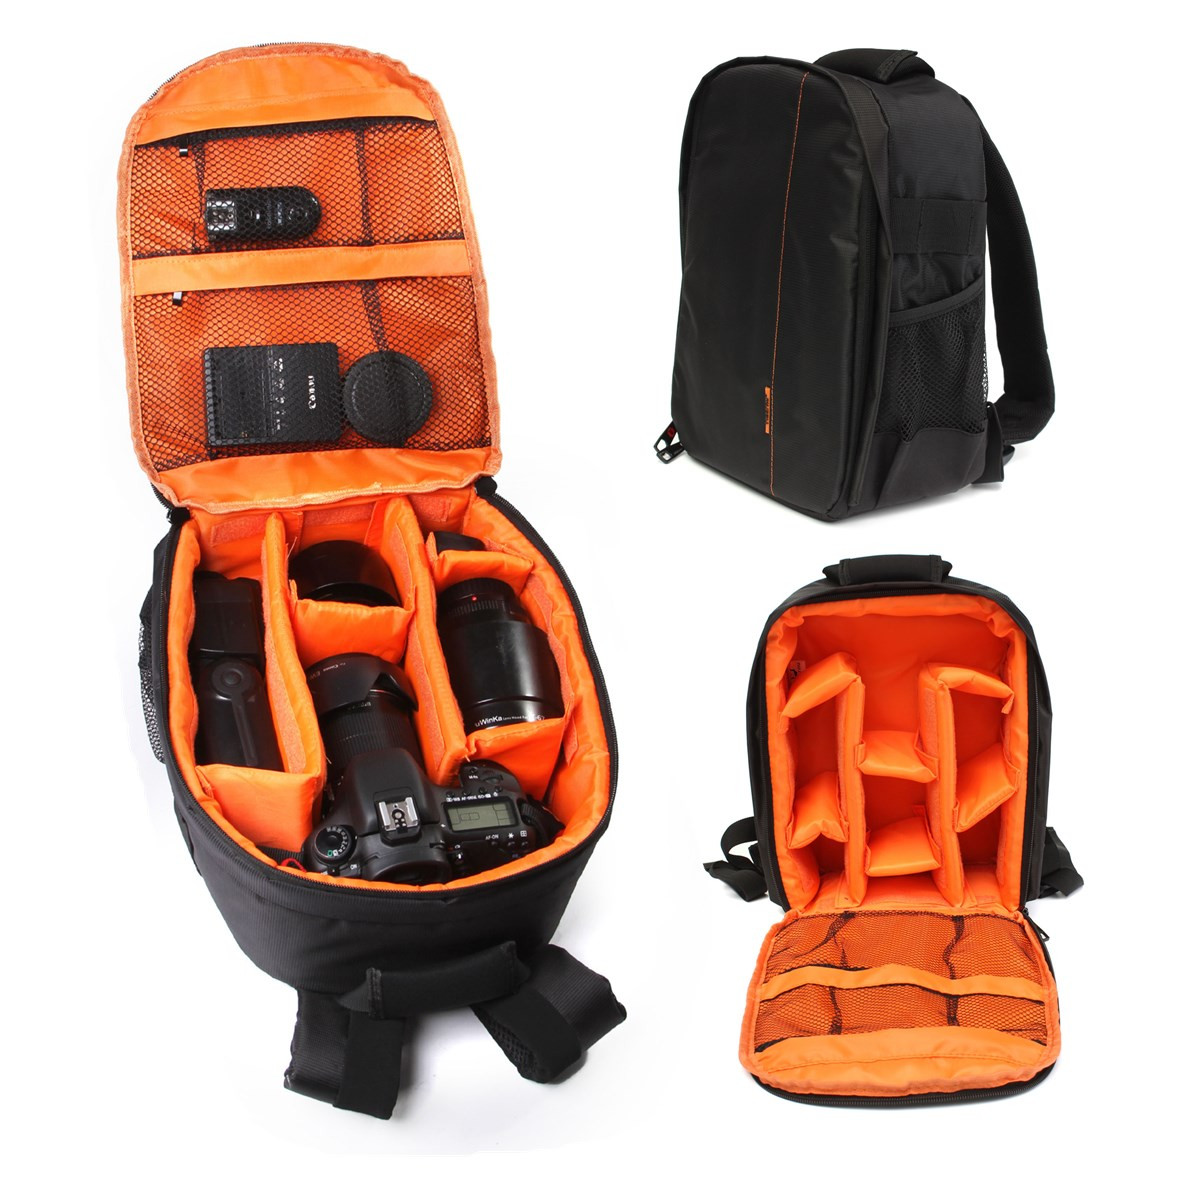 กระเป๋ากล้องTigernu กันละอองน้ำทั้งใบ สีดำ-ส้ม